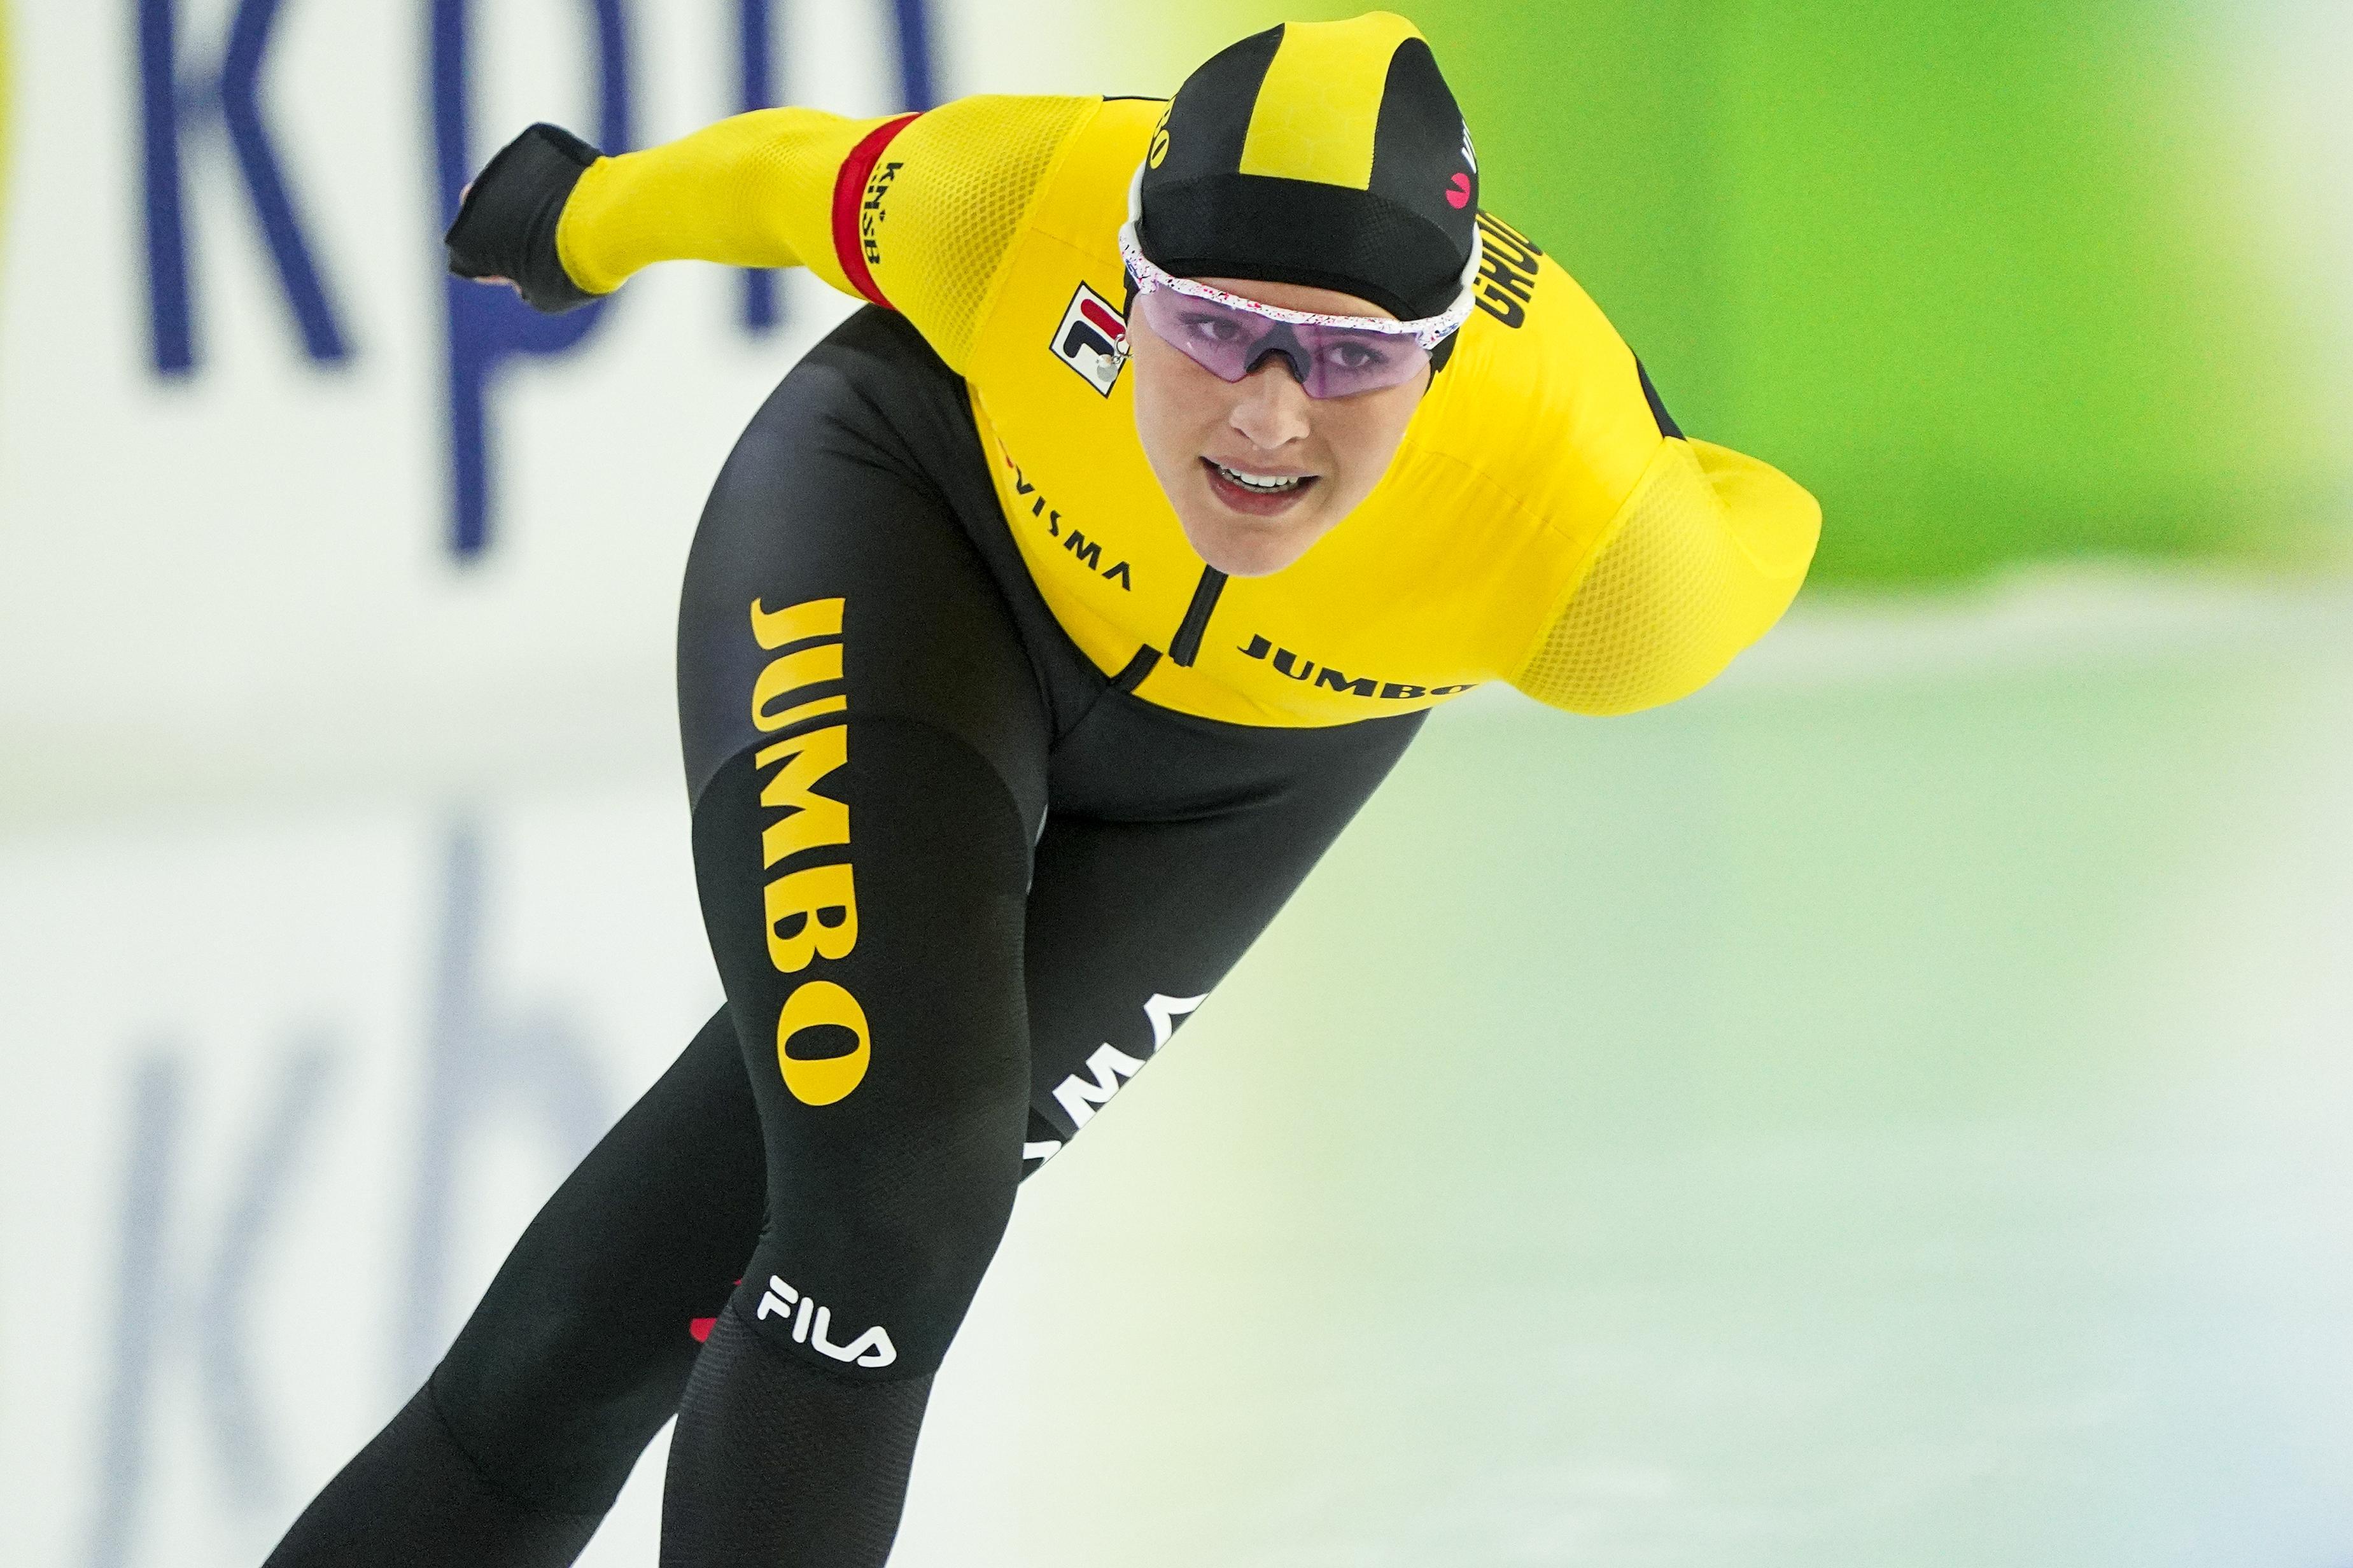 Viervoudig juniorenwereldkampioene Robin Groot veertiende op NK allround:'Ik hoef nu nog niet de beste te zijn bij de senioren, ik mag daar best een paar jaar de tijd voor nemen'